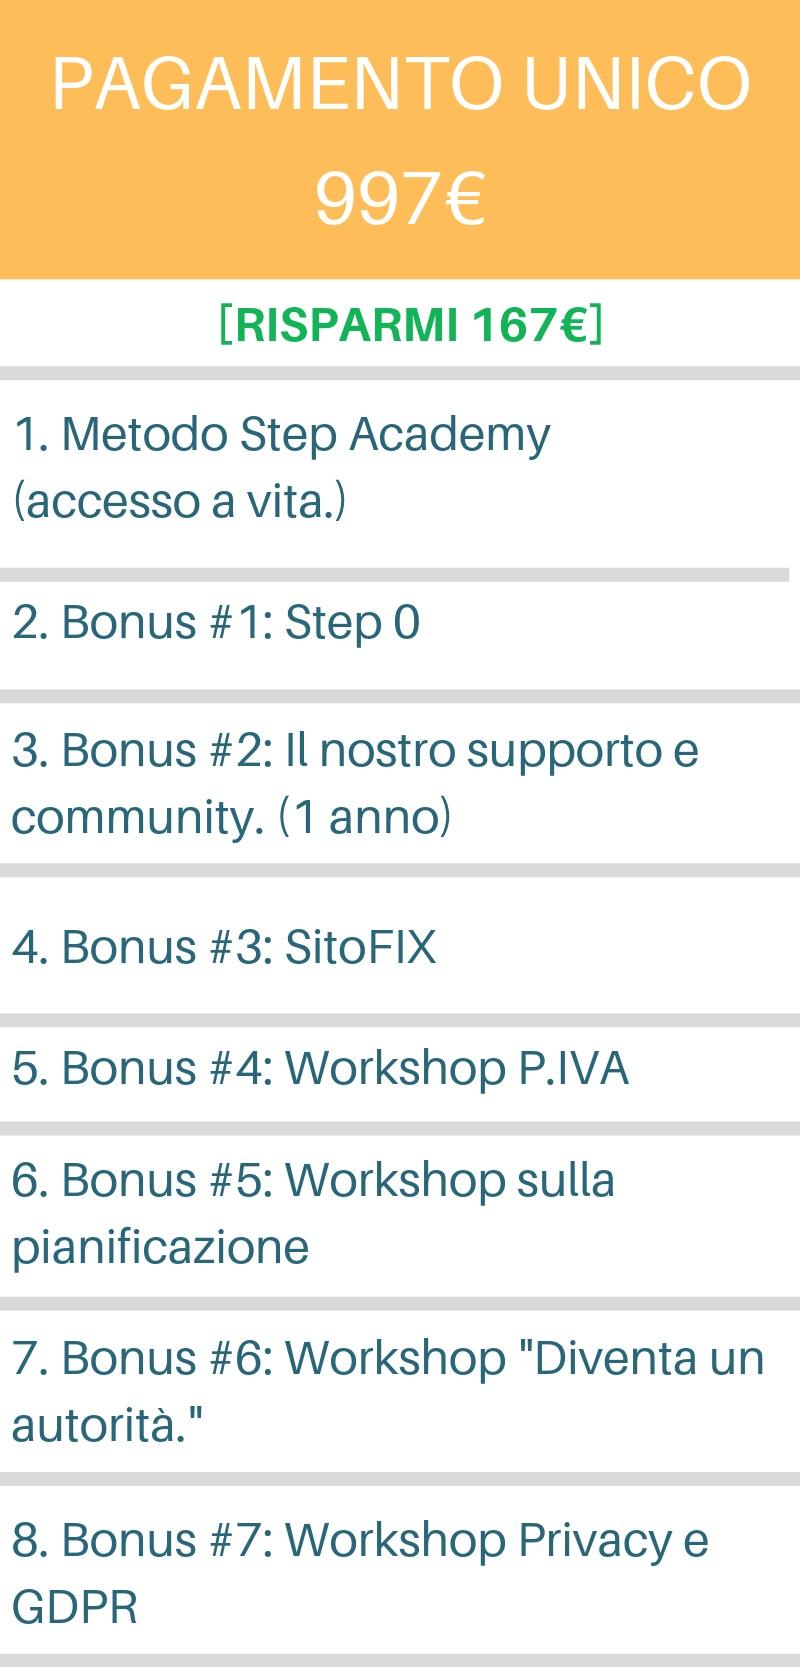 Pagamento+unico-2.jpg